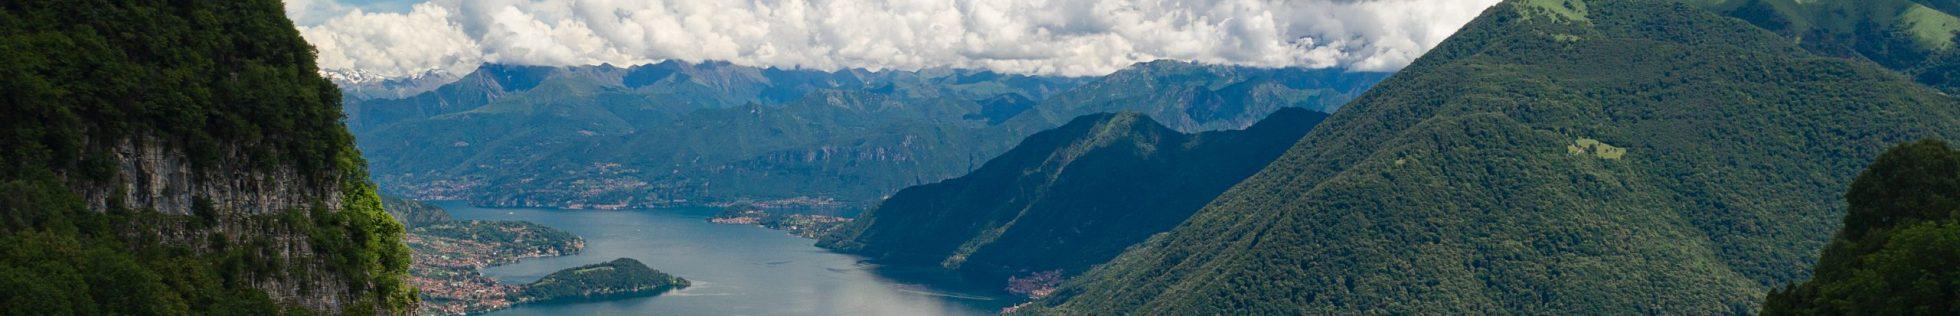 Campeggio Lago di Como